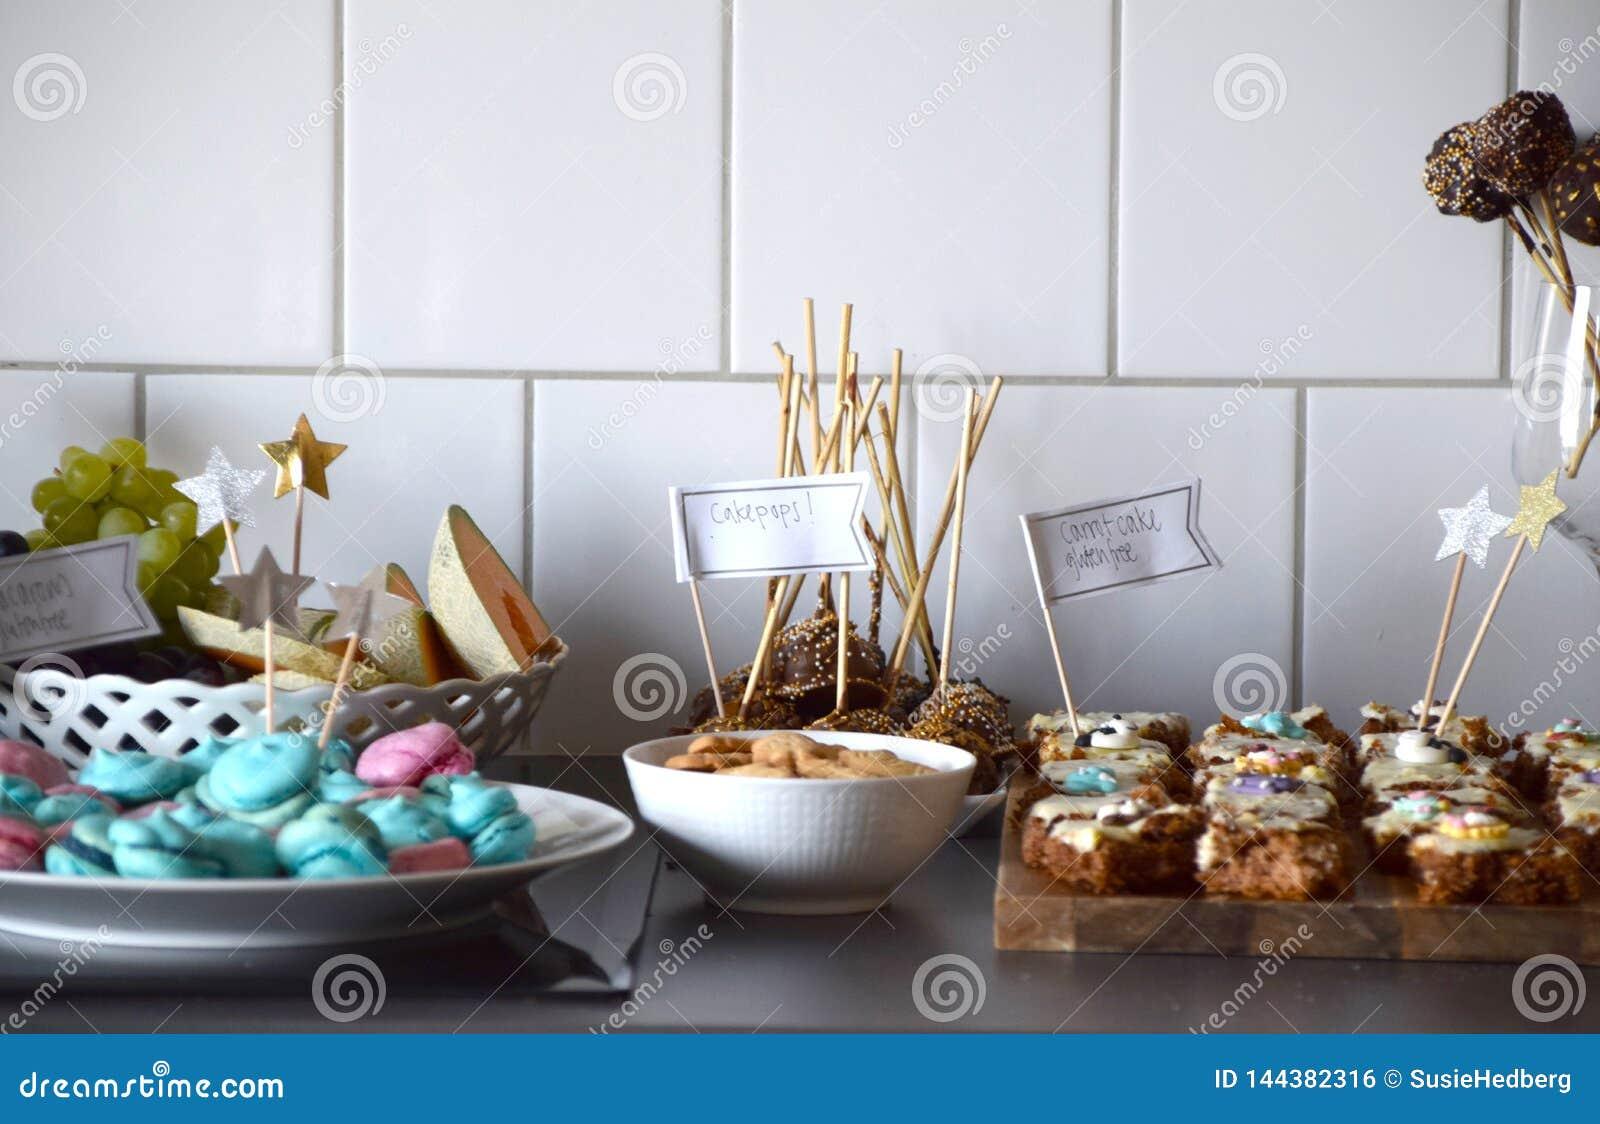 Шведский стол десертов с macarons, тортом моркови, печеньями и плодом